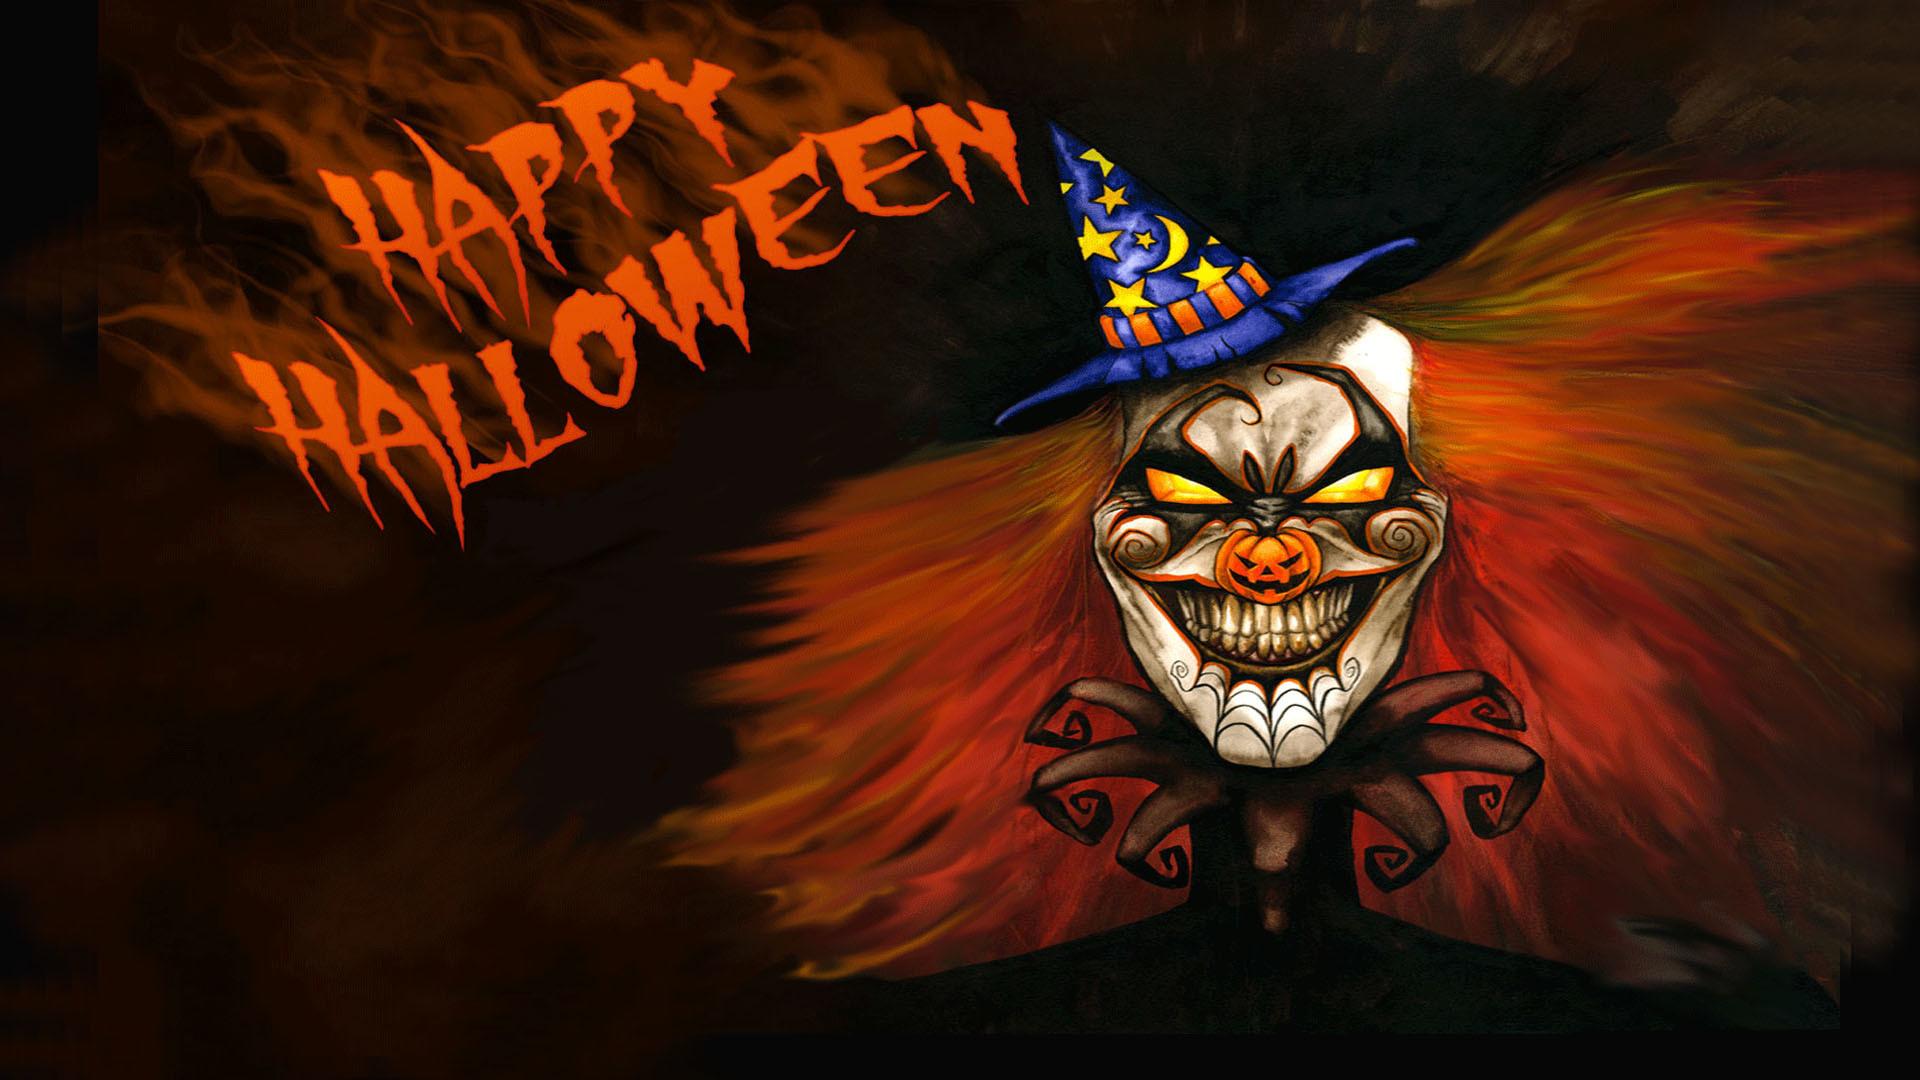 Halloween Animated Desktop Wallpaper 60 Images